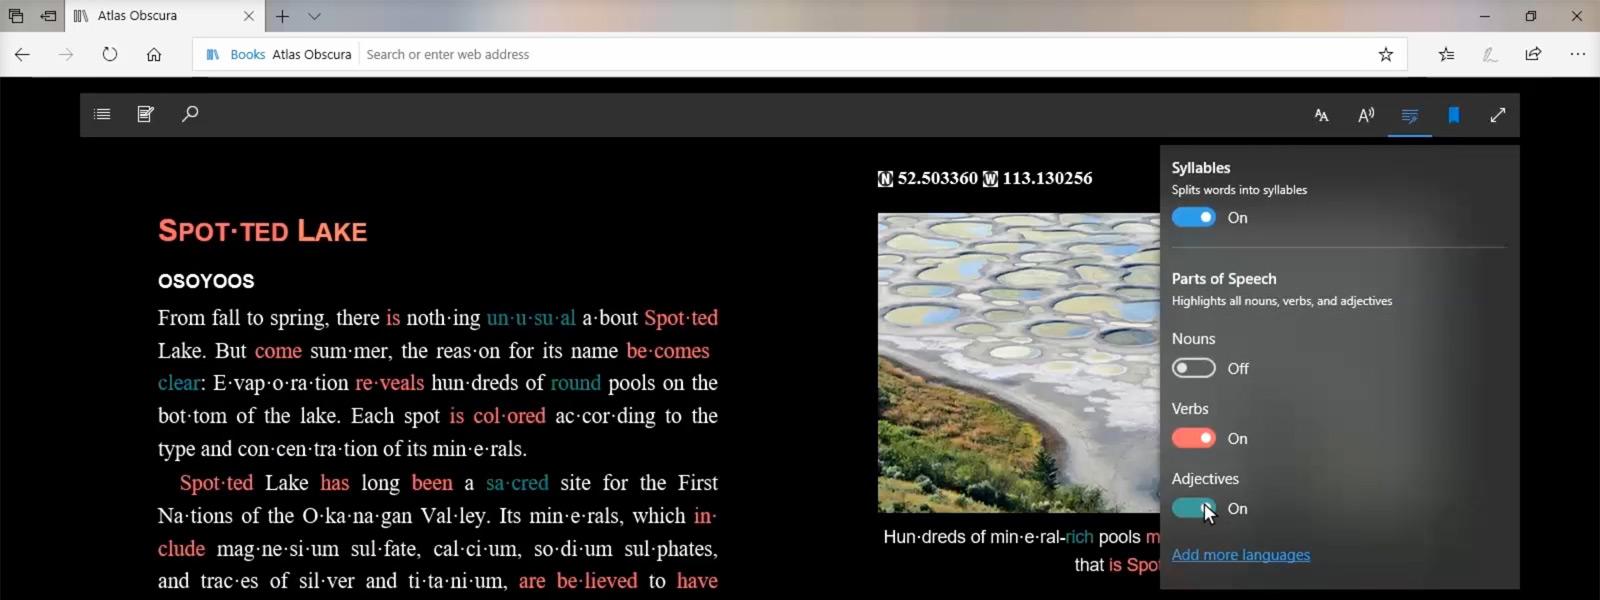 Εικόνα οθόνης που δείχνει τη λειτουργικότητα των Εργαλείων εκμάθησης, η οποία επισημαίνει τα ουσιαστικά, τα ρήματα και τα επίθετα σε μια δεδομένη ιστοσελίδα